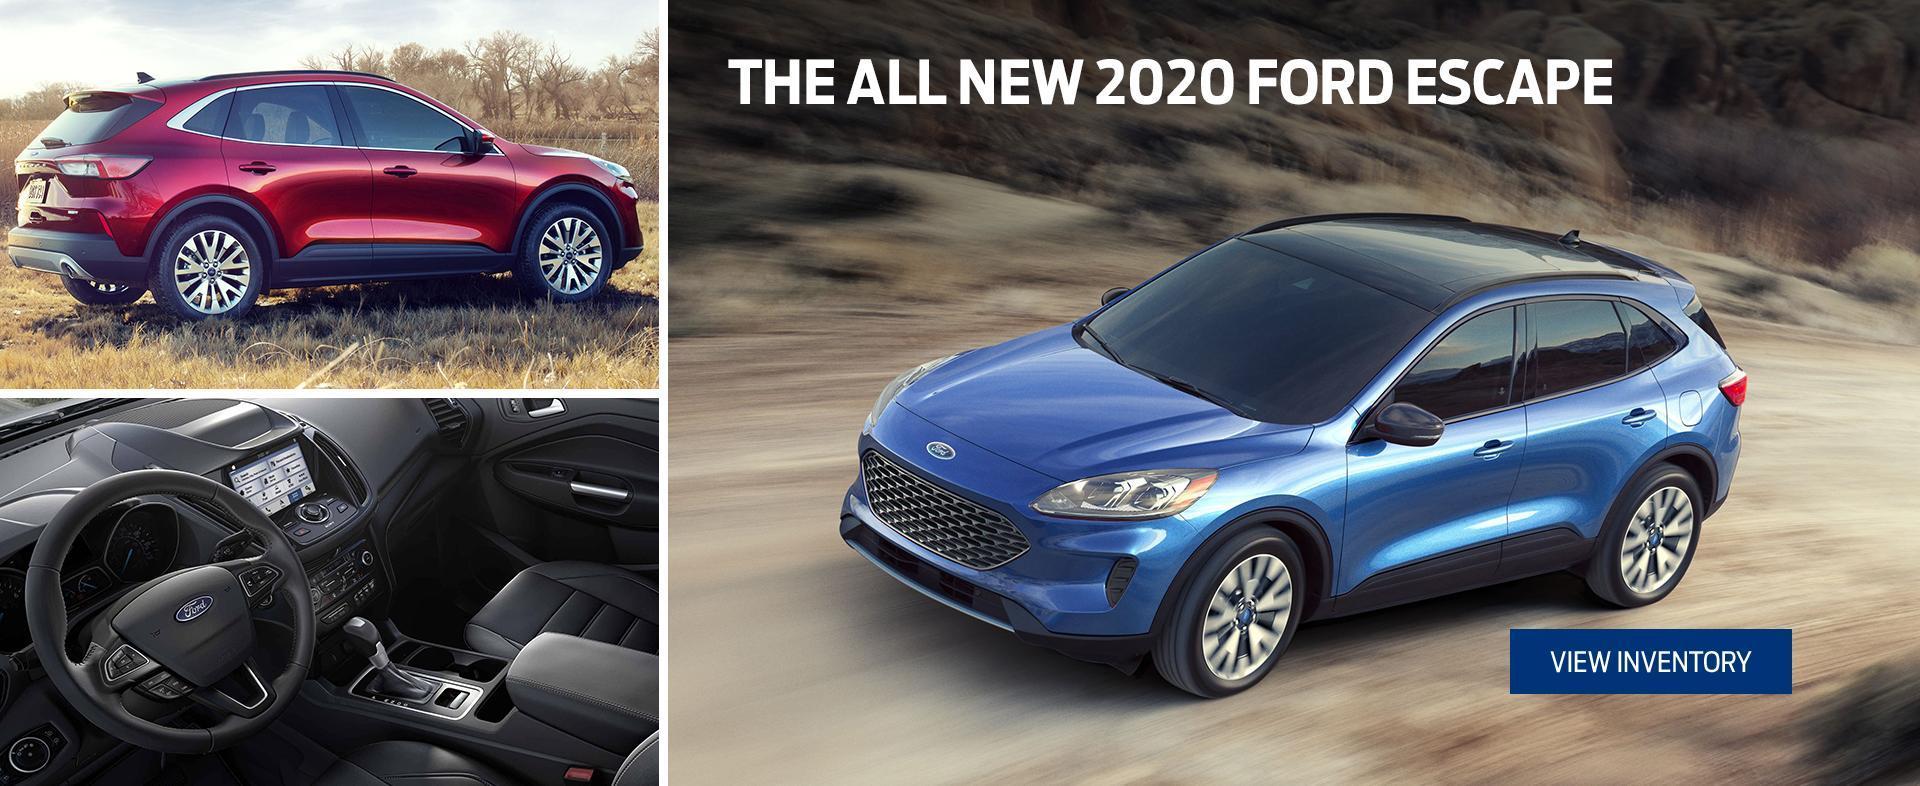 Ford Home 2020 Escape